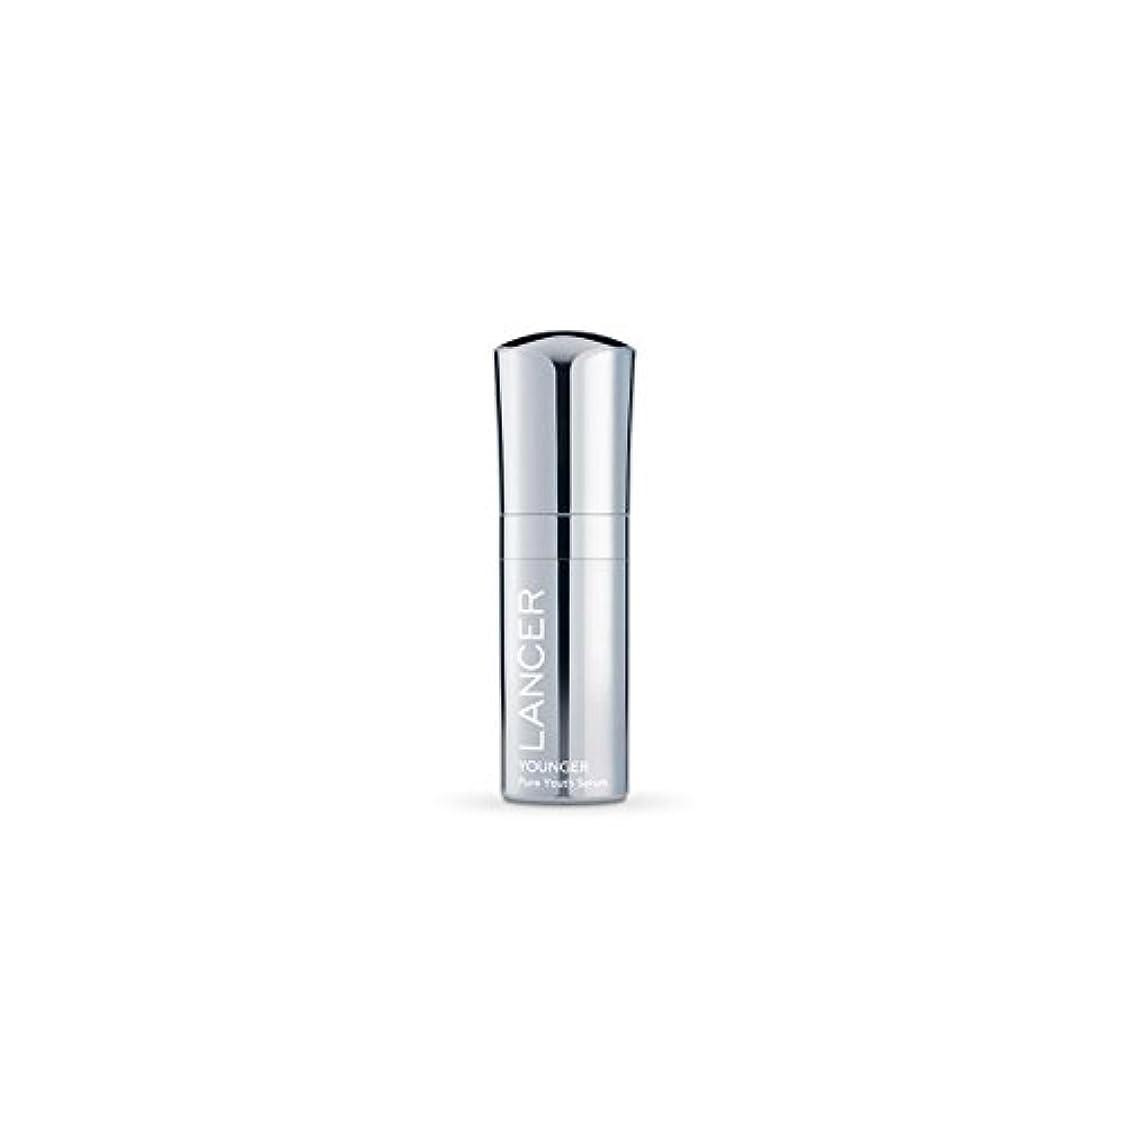 市場風刺直径ランサースキンケア若い純粋な青年血清(30ミリリットル) x2 - Lancer Skincare Younger Pure Youth Serum (30ml) (Pack of 2) [並行輸入品]